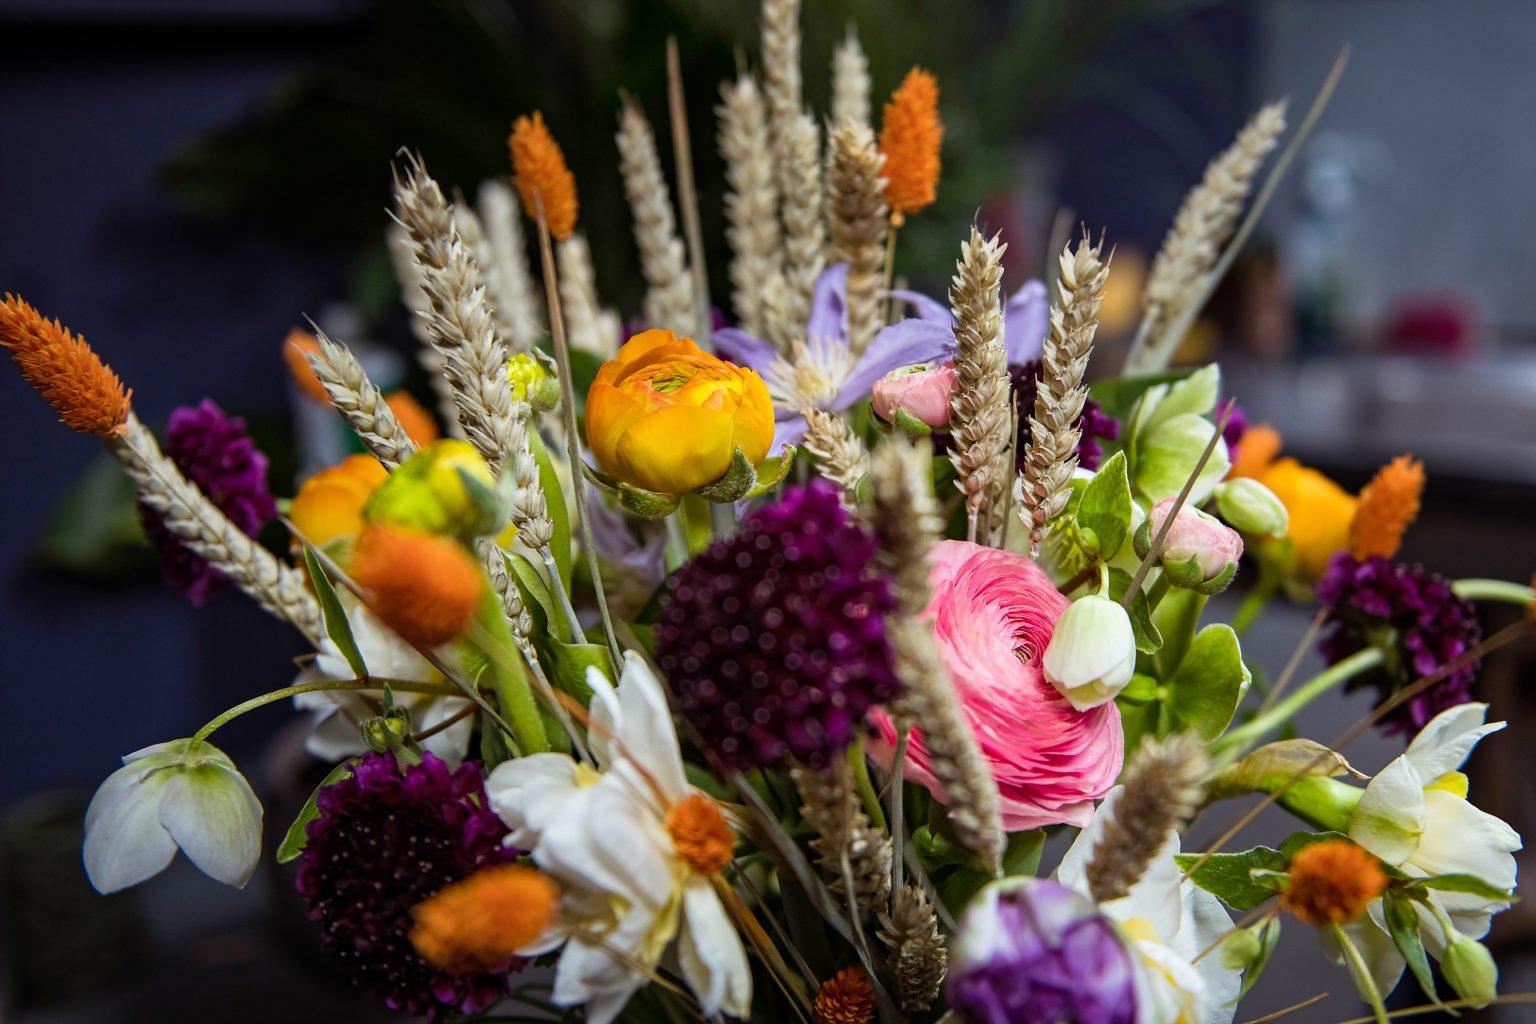 Bouquet de printemps, création de Mélanie Monard, Côté Fleur Bleu